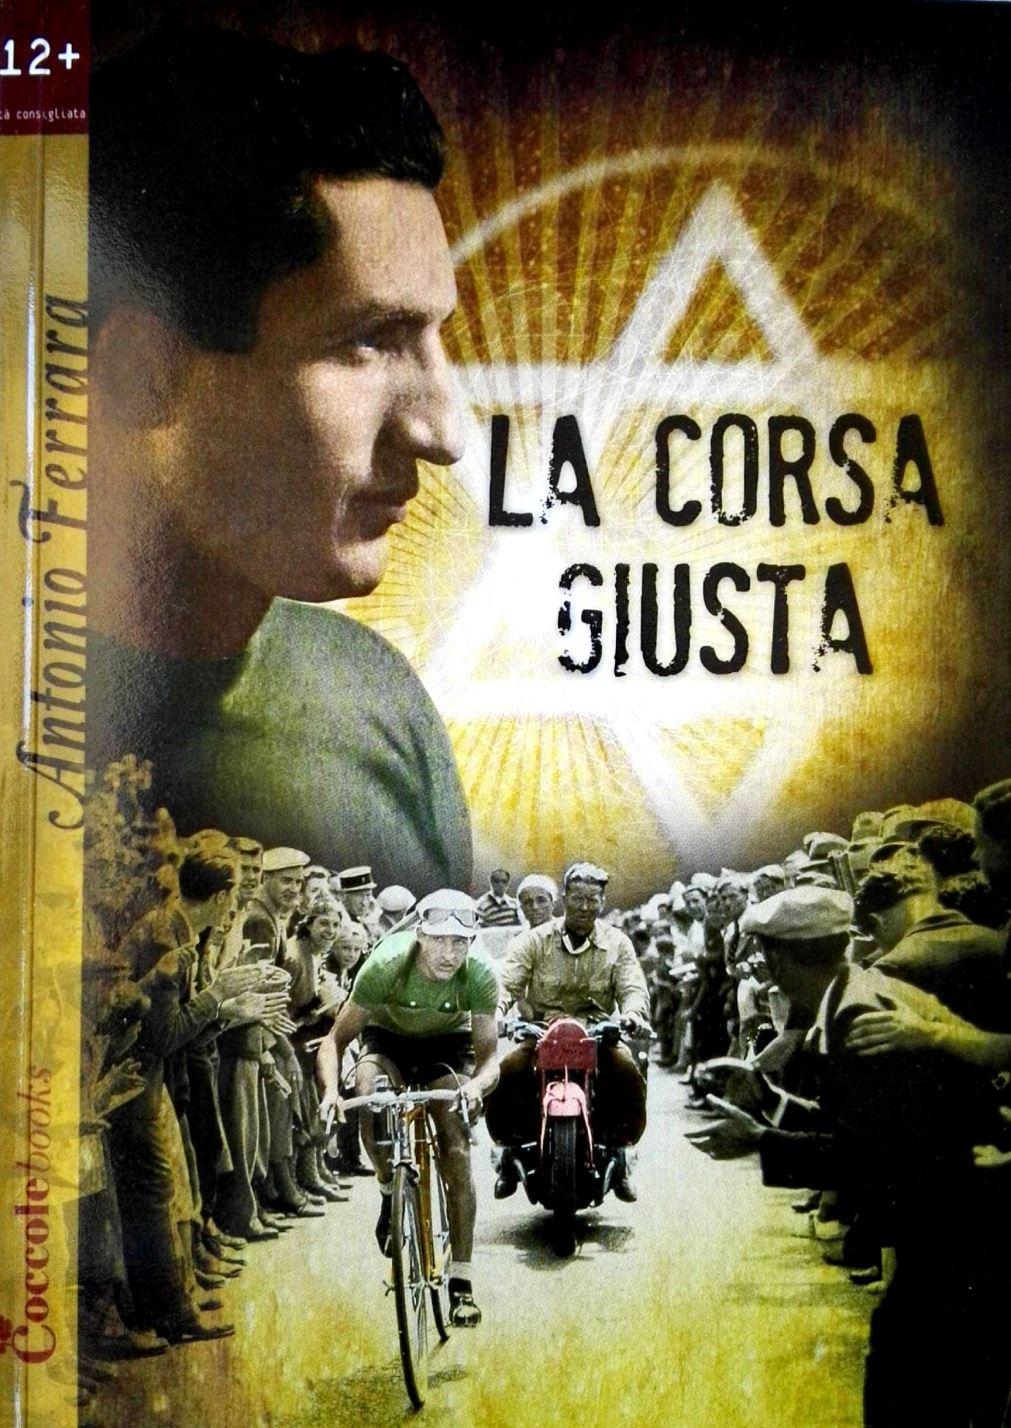 La Corsa Giusta  Antonio Ferrara  Coccole Books  9788898346332  Tabook